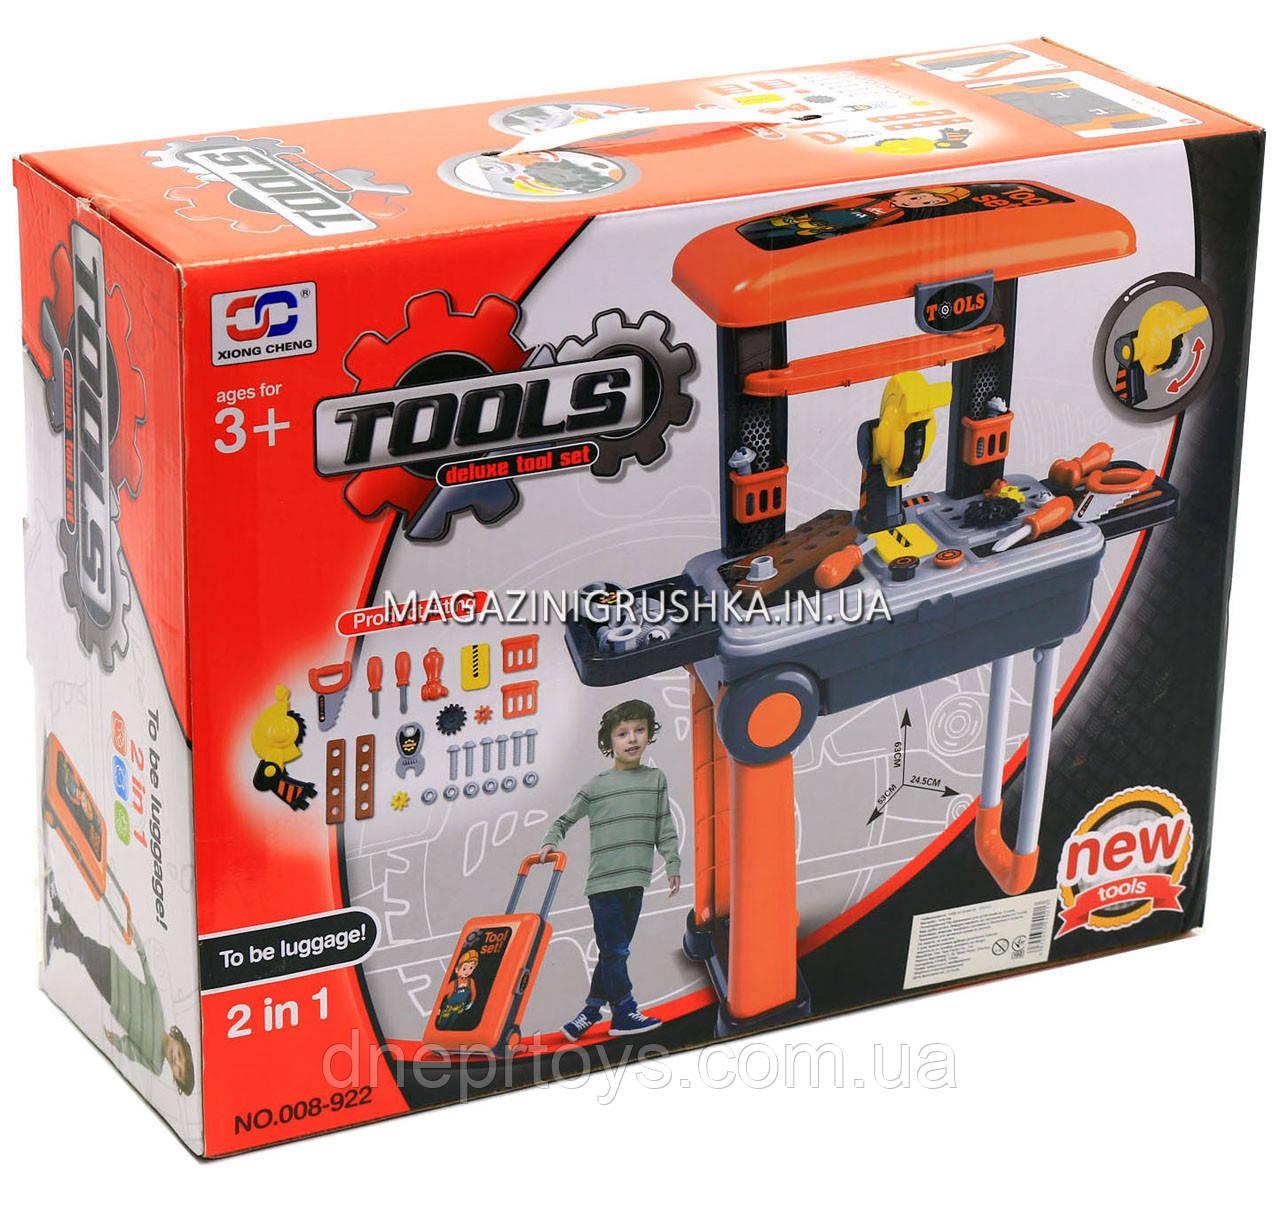 Дитячий набір будівельних інструментів у валізі 008-922 Bath Toys